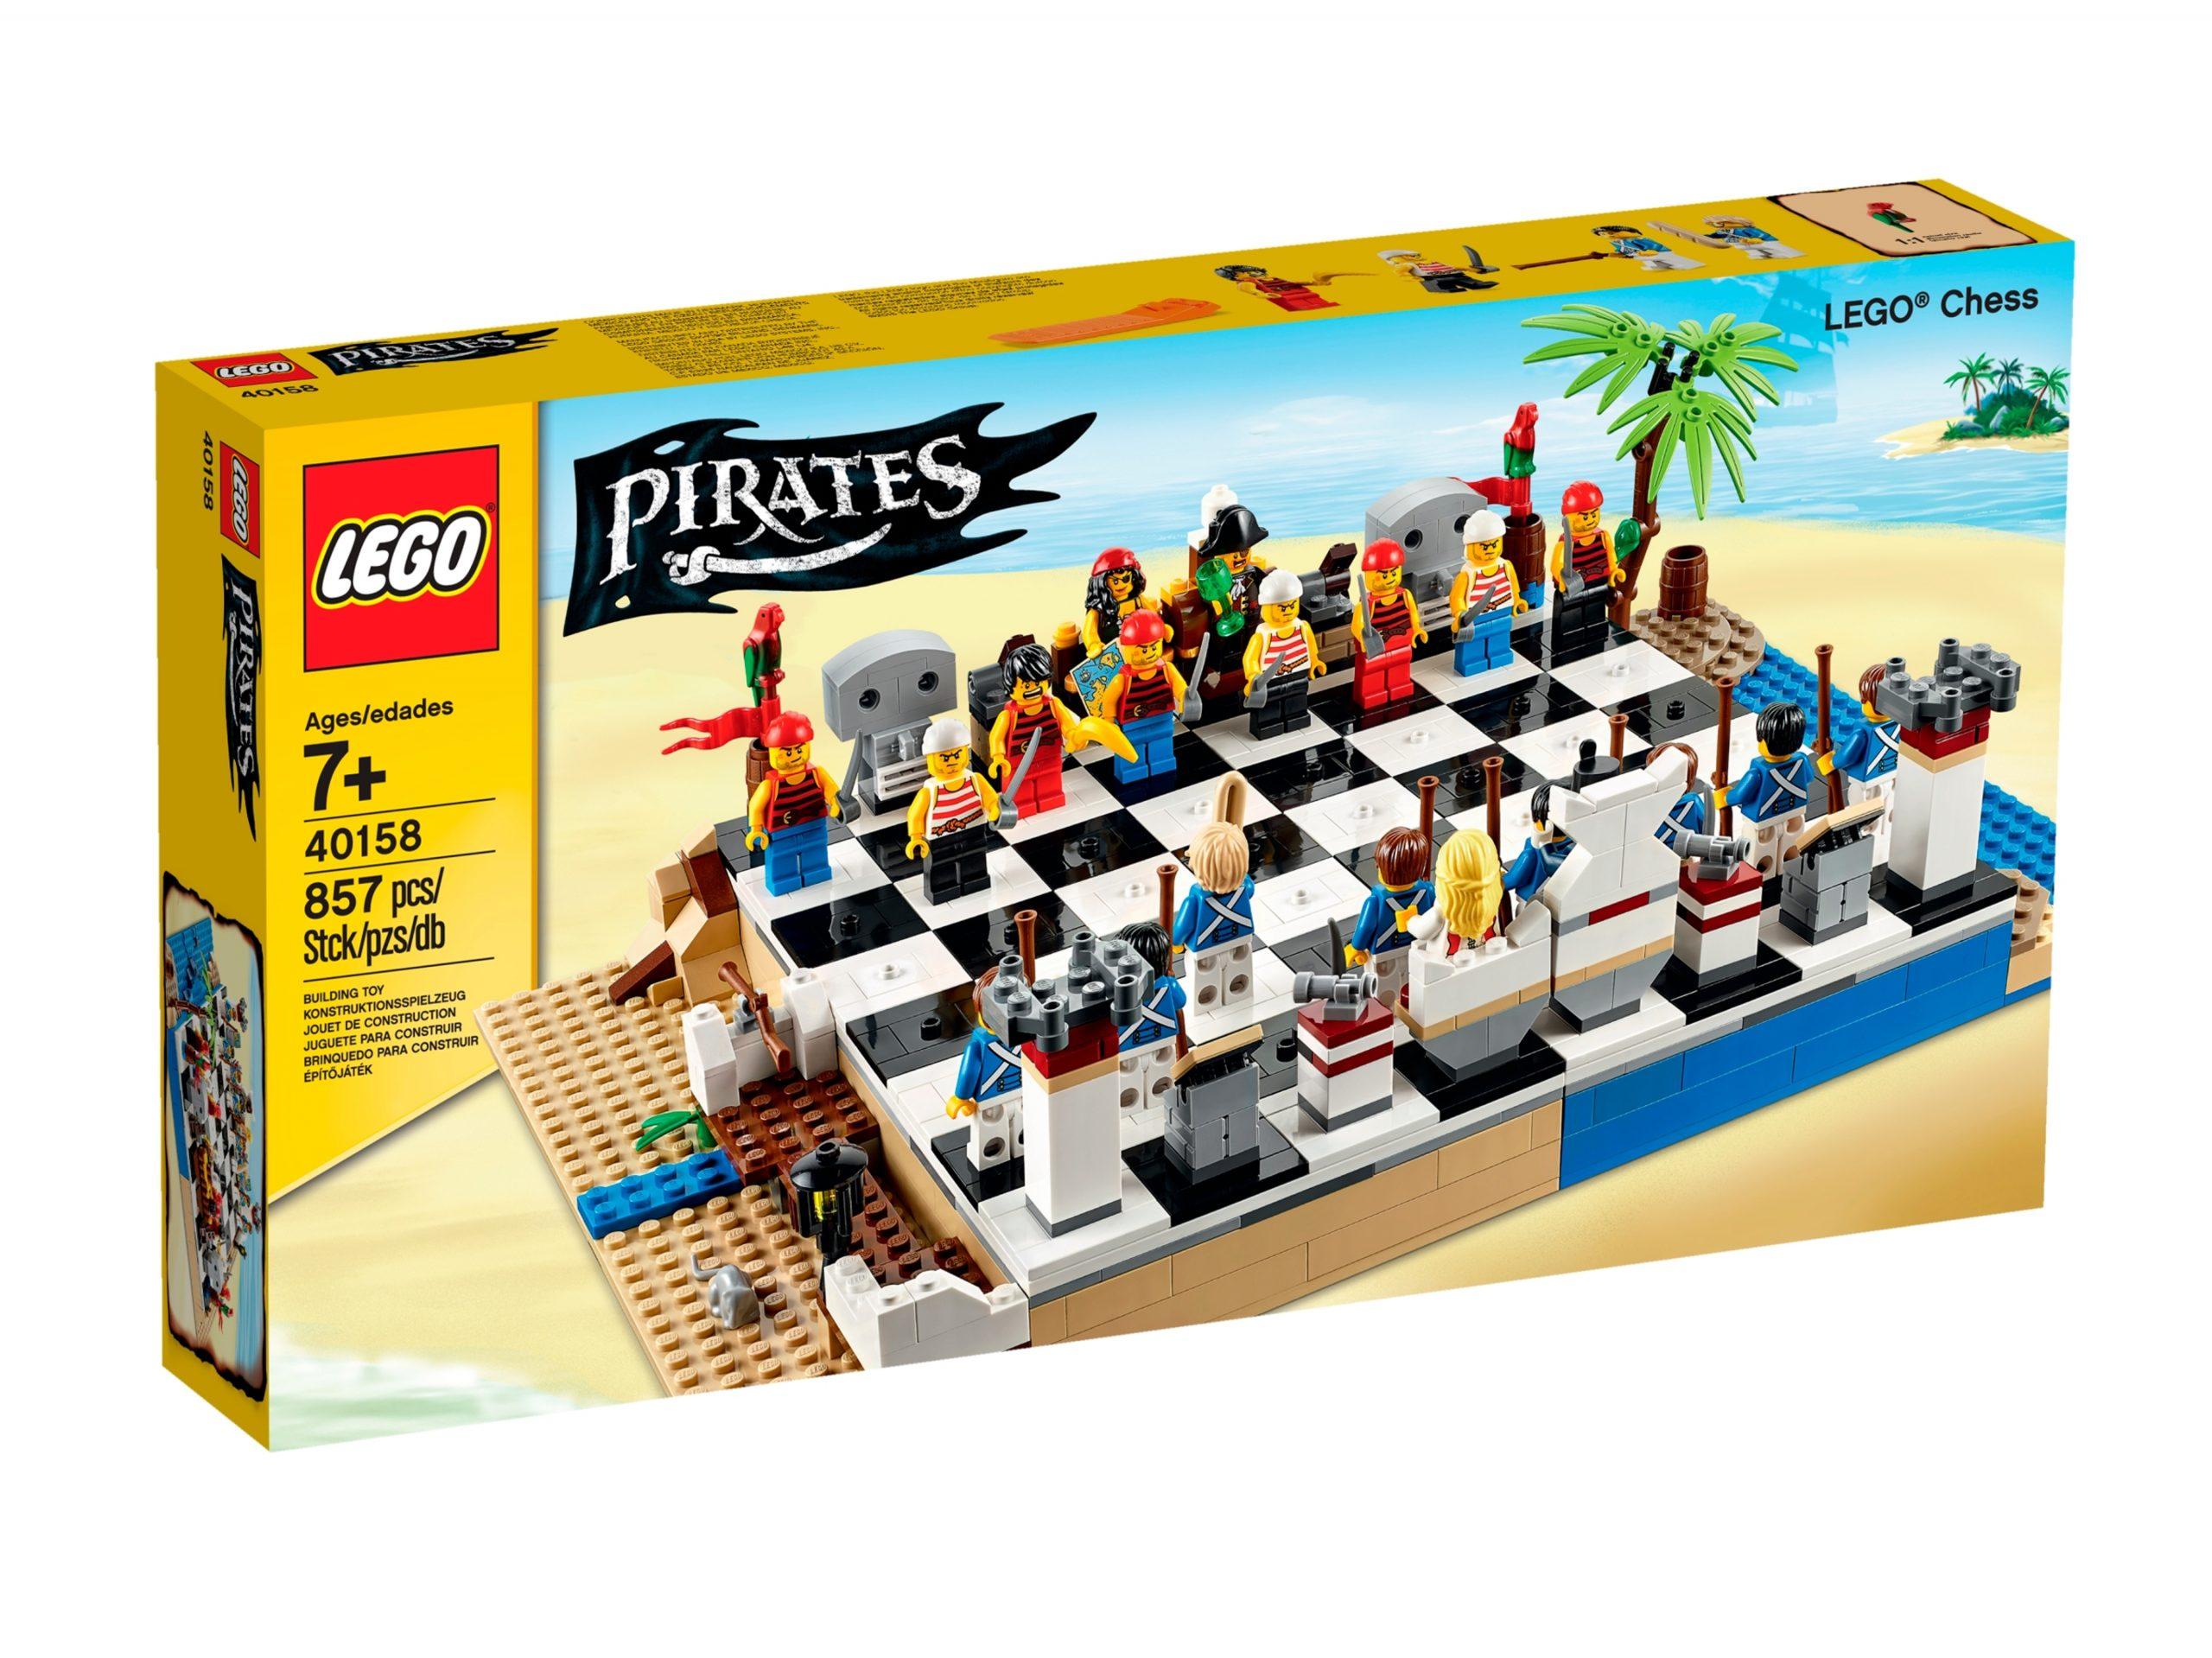 lego 40158 pirates chess set scaled